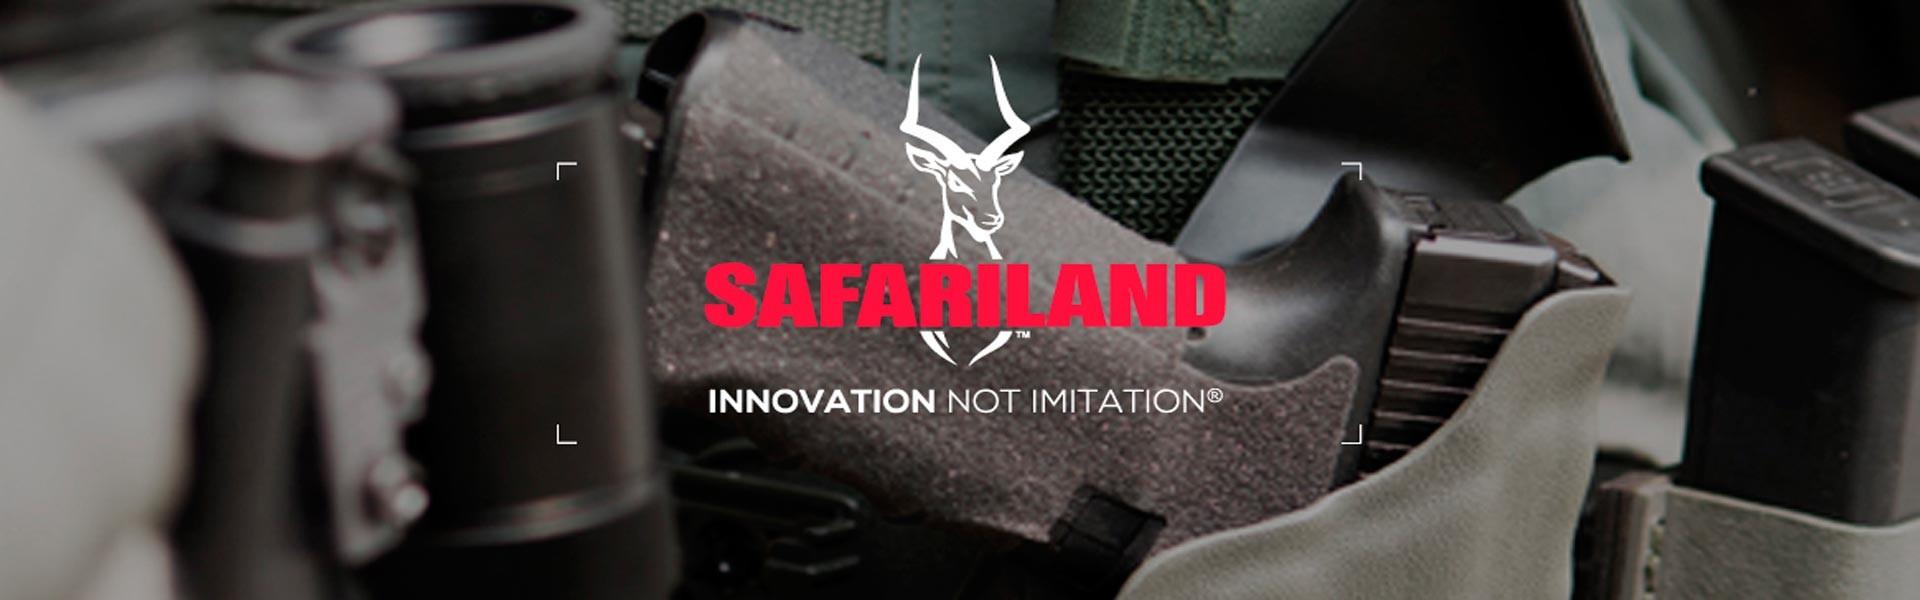 Safariland accesorios y equipamiento policial y militar disponibles en Armeria Fiol Mallorca